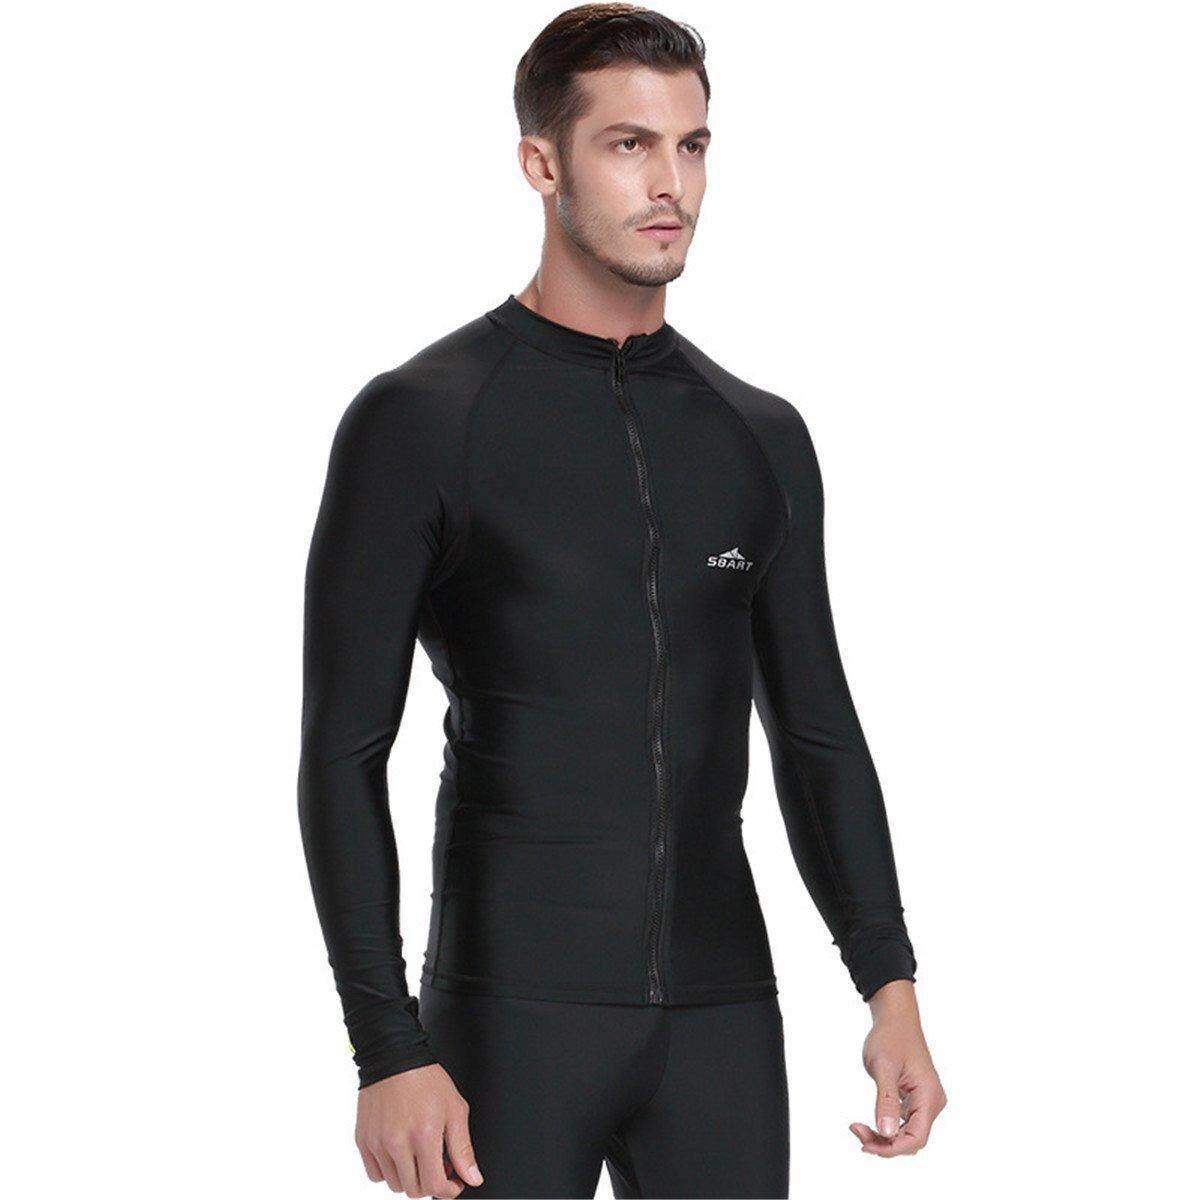 Sbart ชายดำน้ำเสื้อว่ายน้ำว่ายน้ำท่องรังสียูวี Rashguard เสื้อ 745 - นานาชาติ.